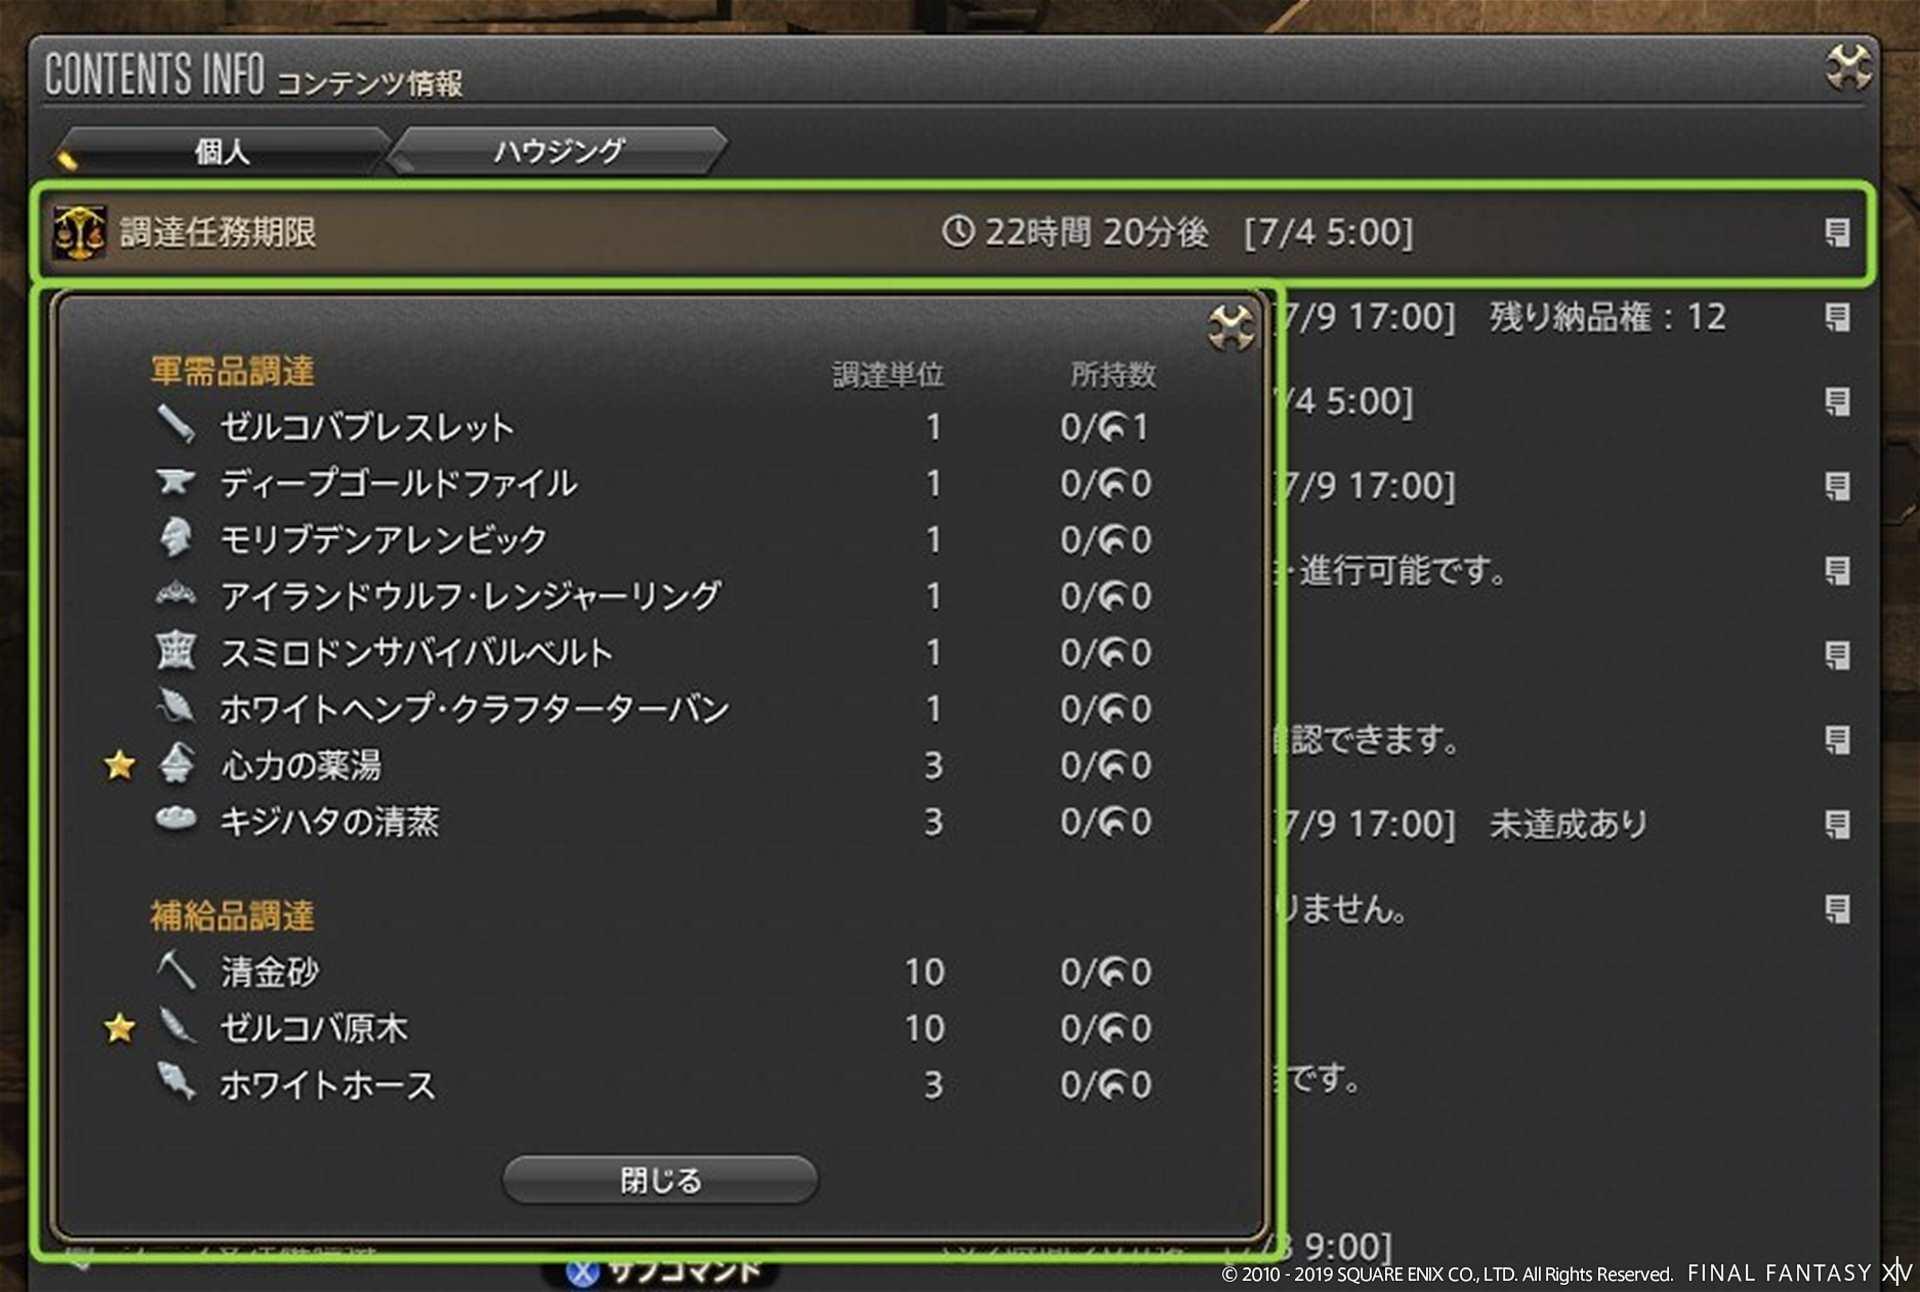 ff14 クラフター 5.0